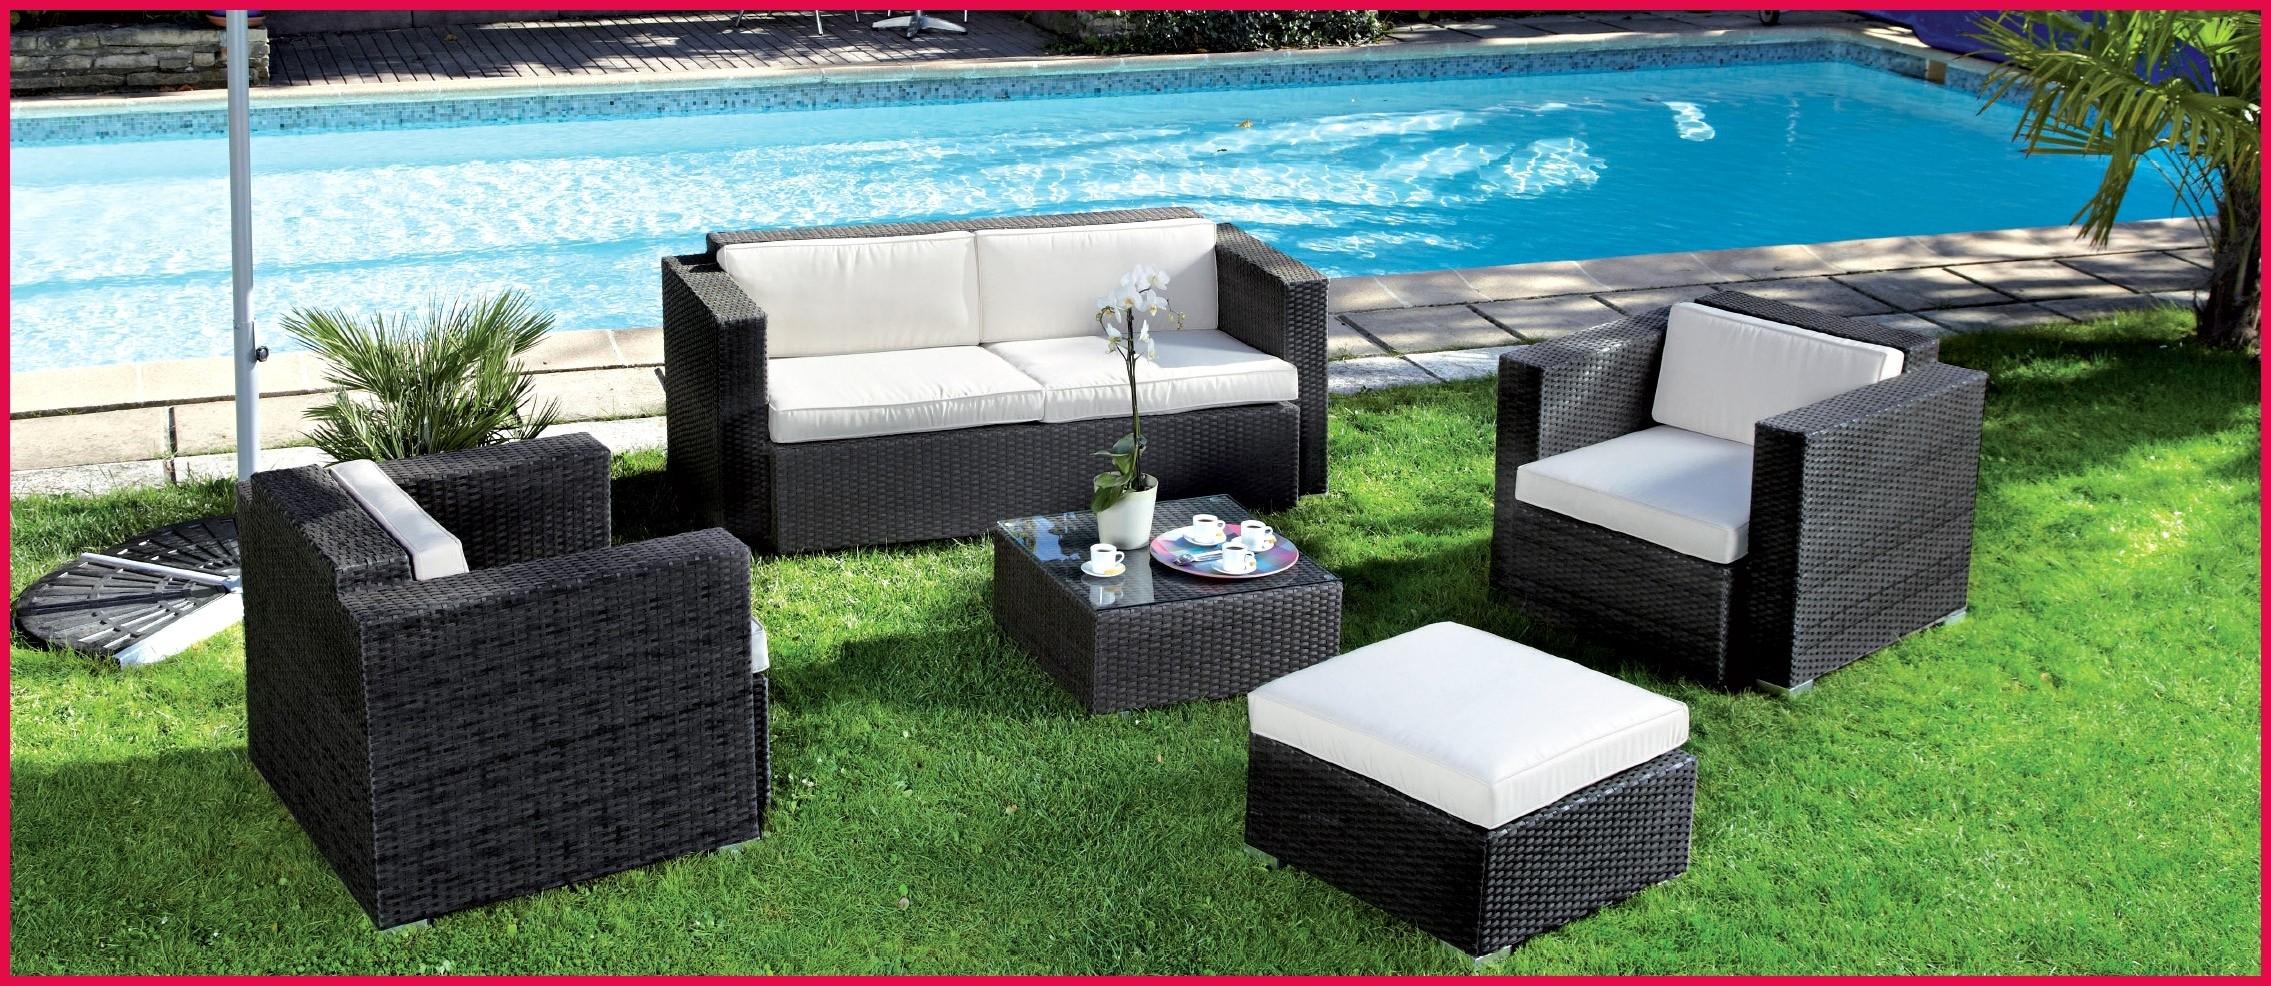 Destockage Salon De Jardin Concept - Idees Conception Jardin tout Destockage Salon De Jardin